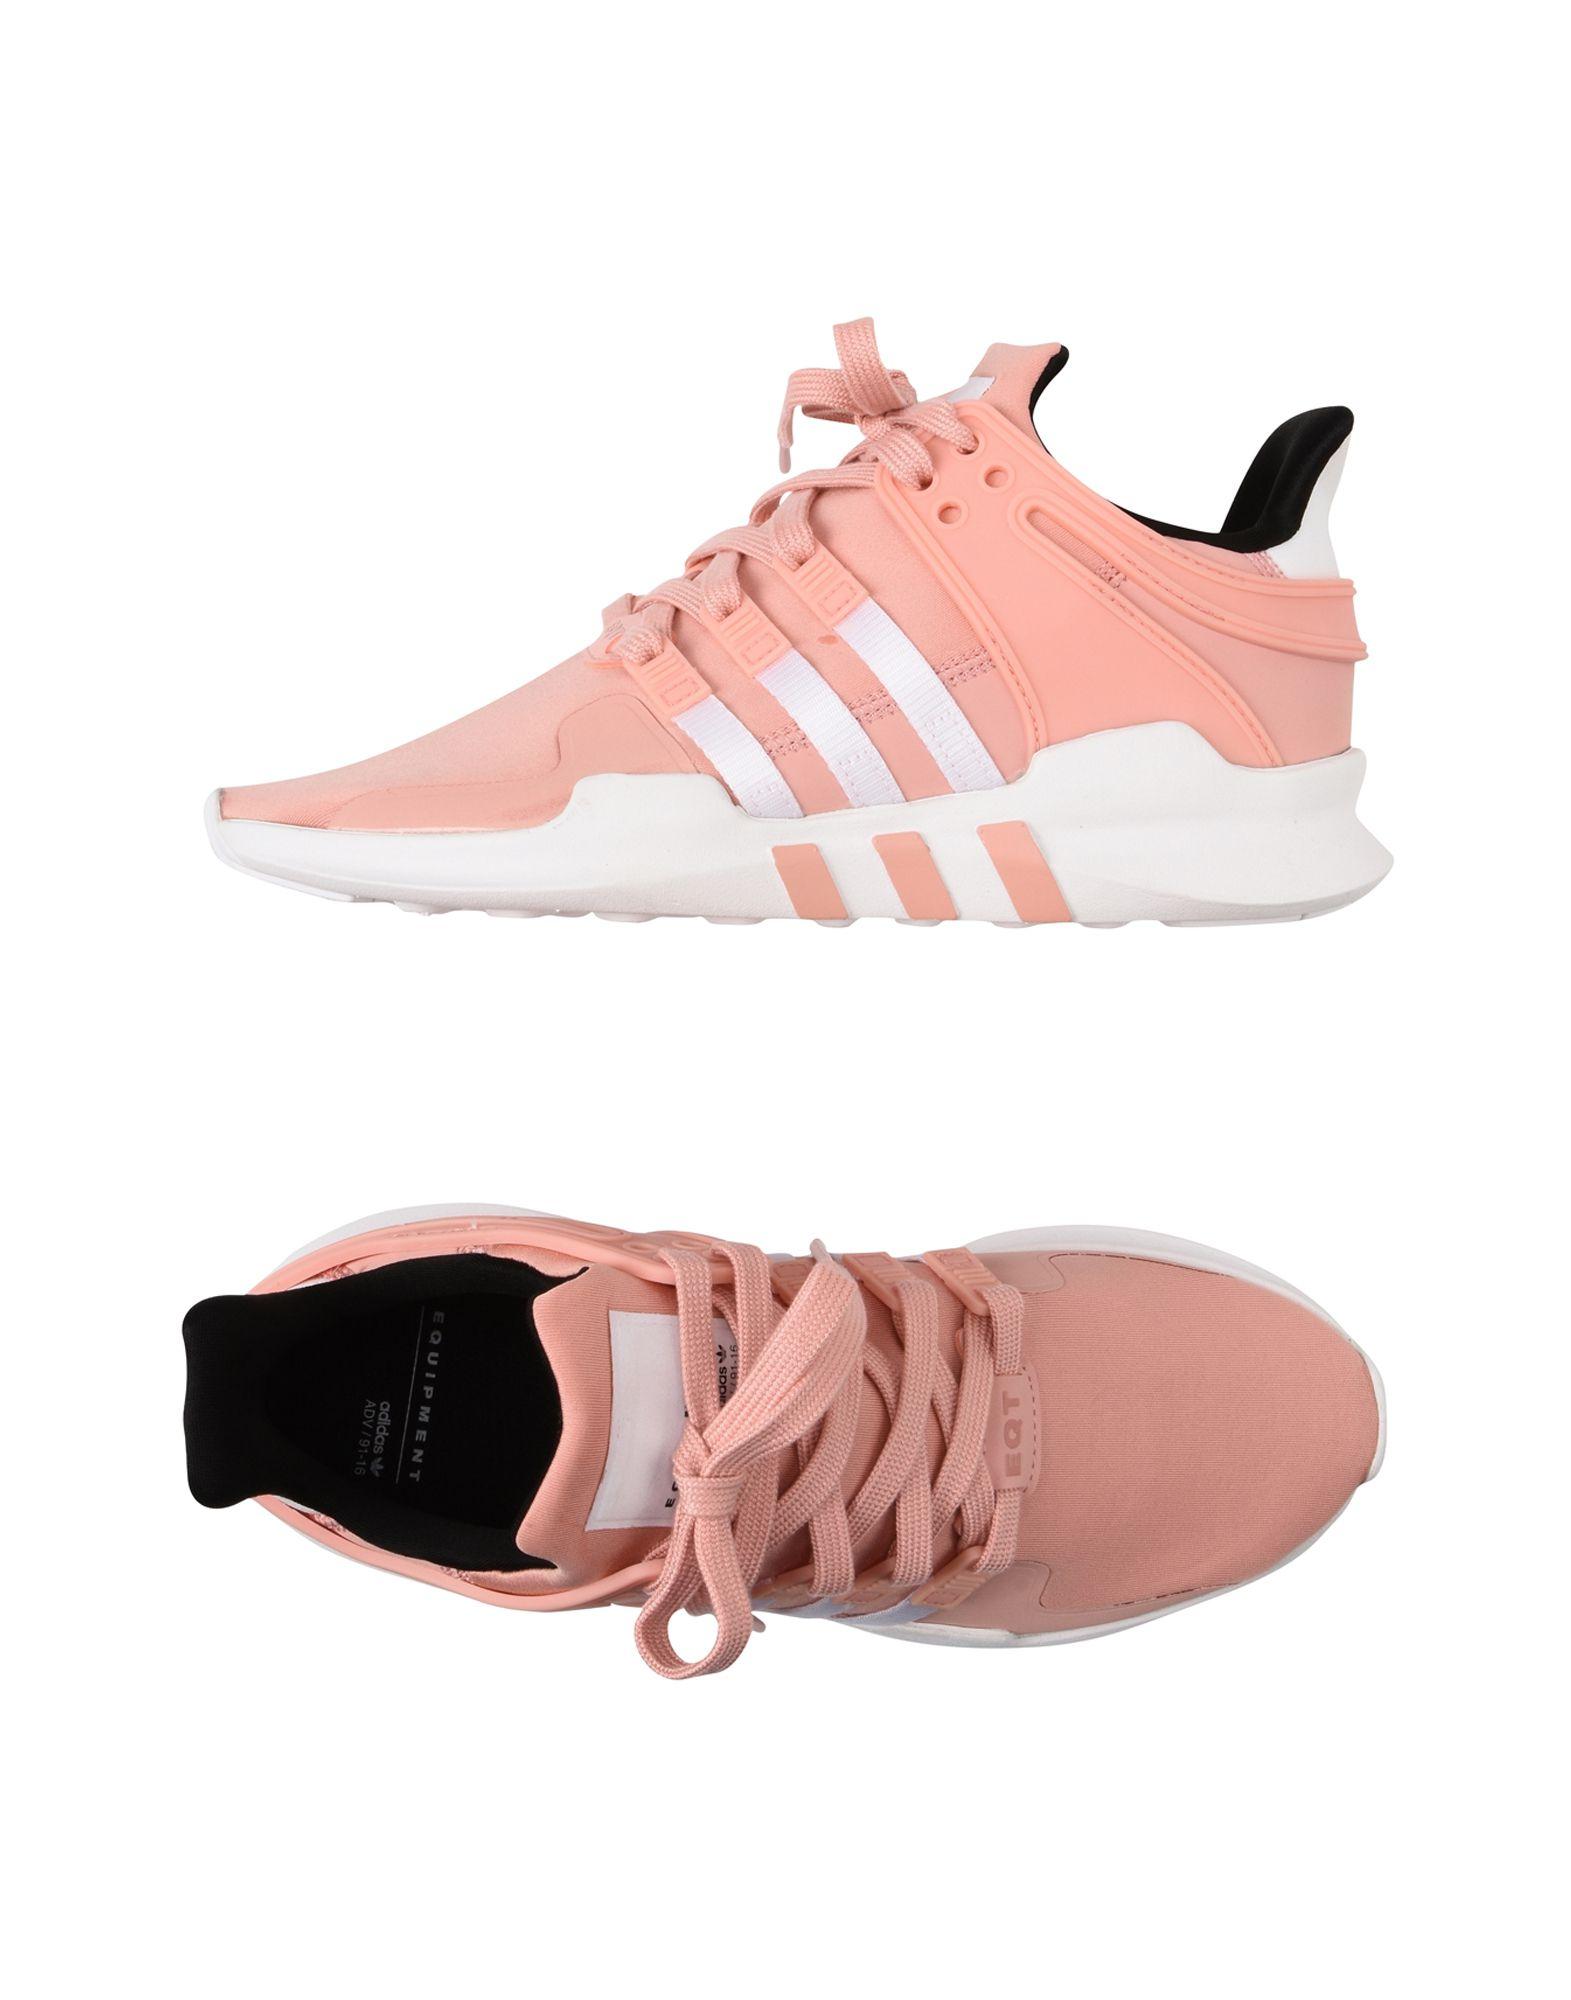 Sneakers Adidas Originals Eqt Support Adv - Donna - 11533819FT